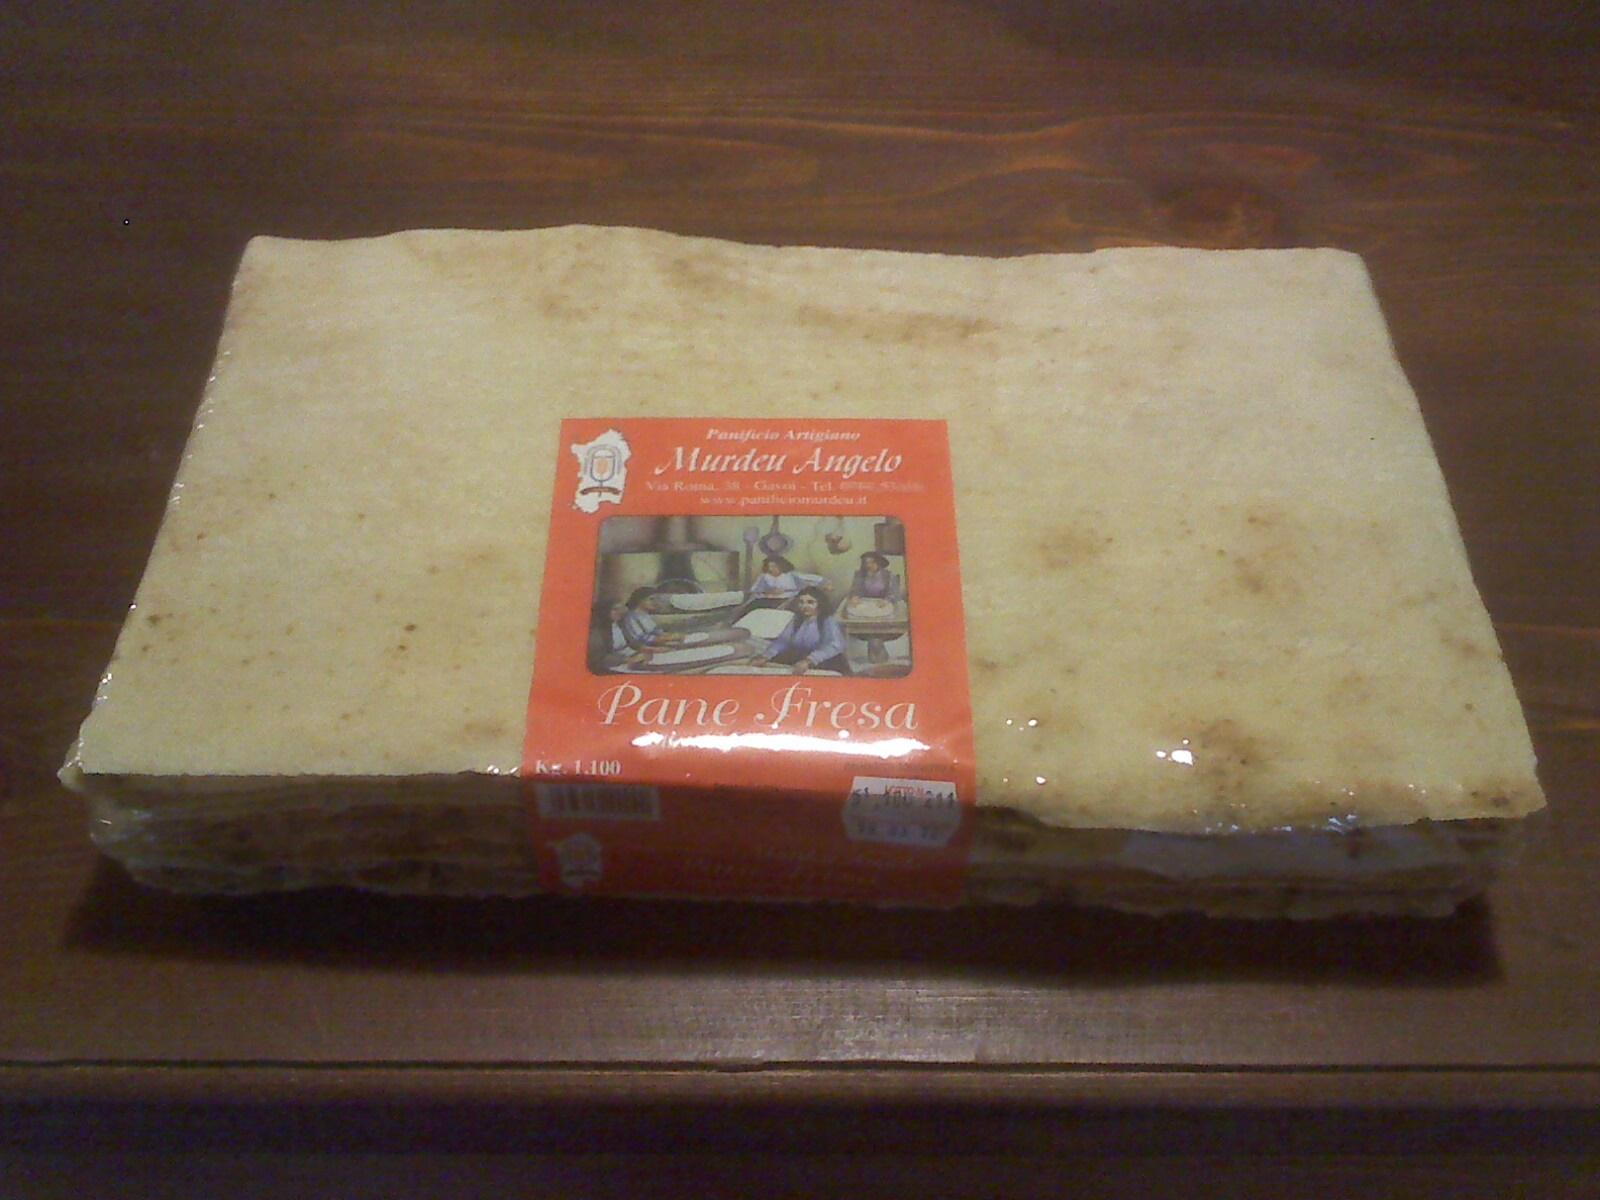 Pane è Fresa è il pane carasau dei pastori, pane preparato con le antiche tradizioni gavoesi, cotto con forno a legna. Particolare la sua forma rettangolare con due sfoglie, la prima sottile, la seconda più spessa che avvolge la sfoglia sottile al suo interno.